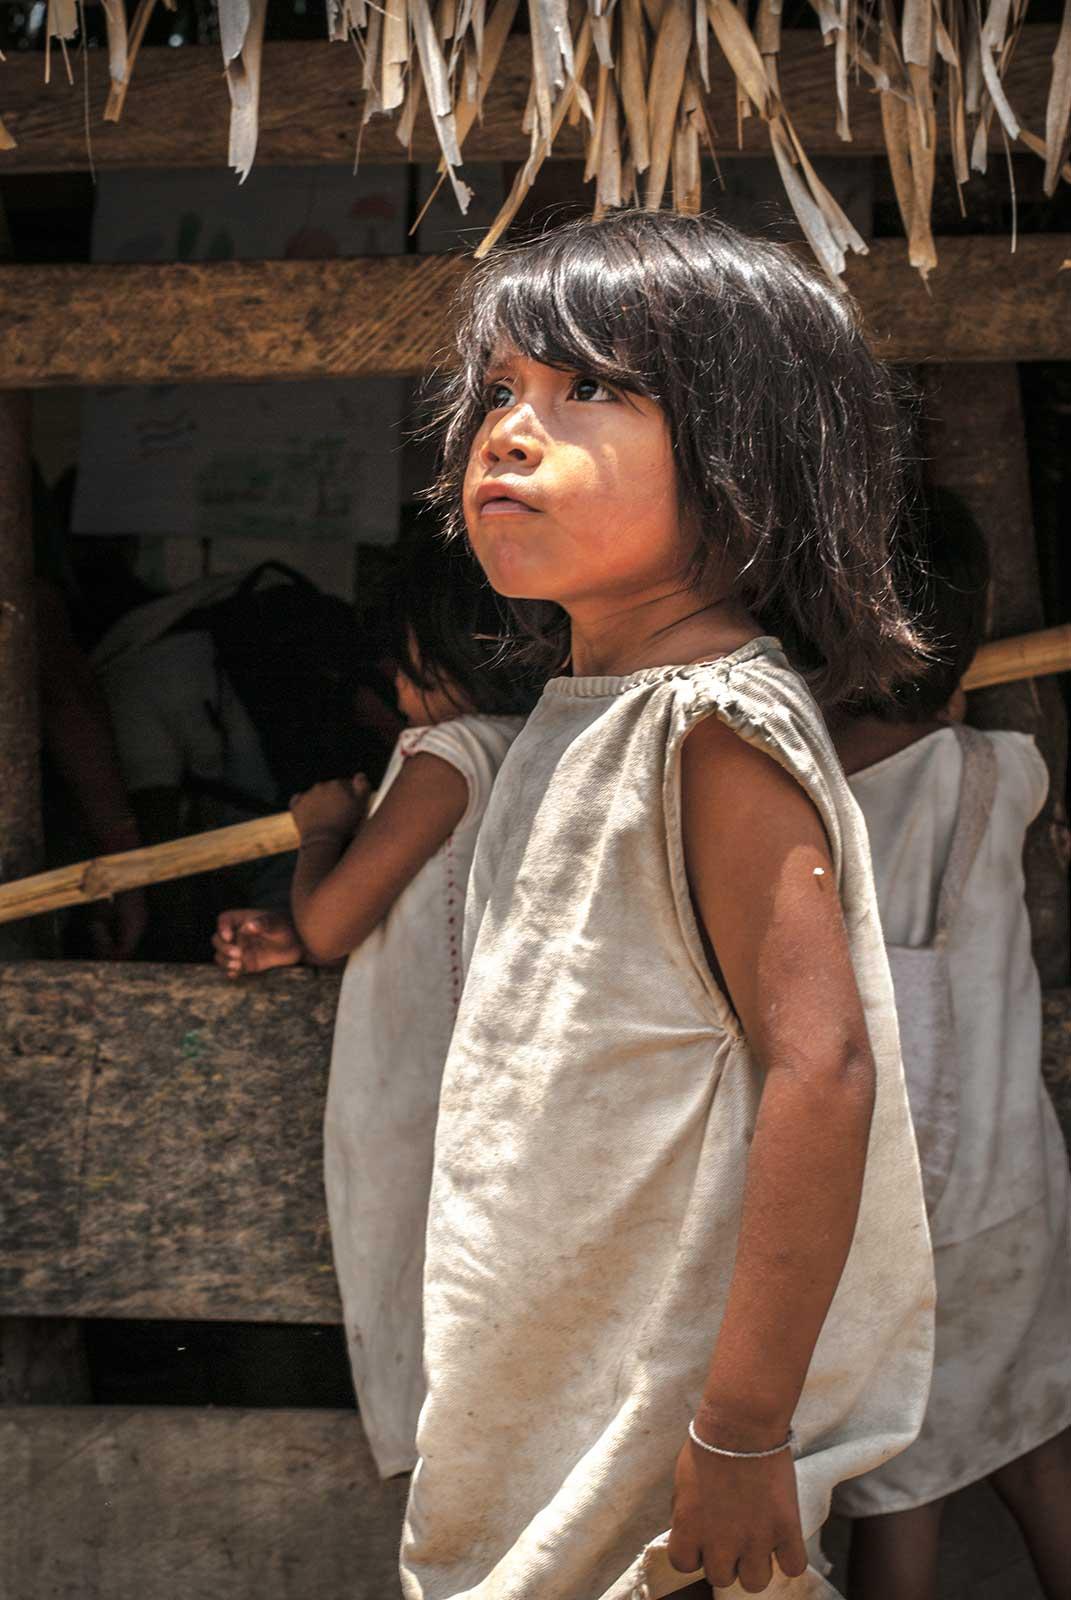 Viaje a Colombia - Bajo el mismo sol. AUtor Agustí Ribas Gil